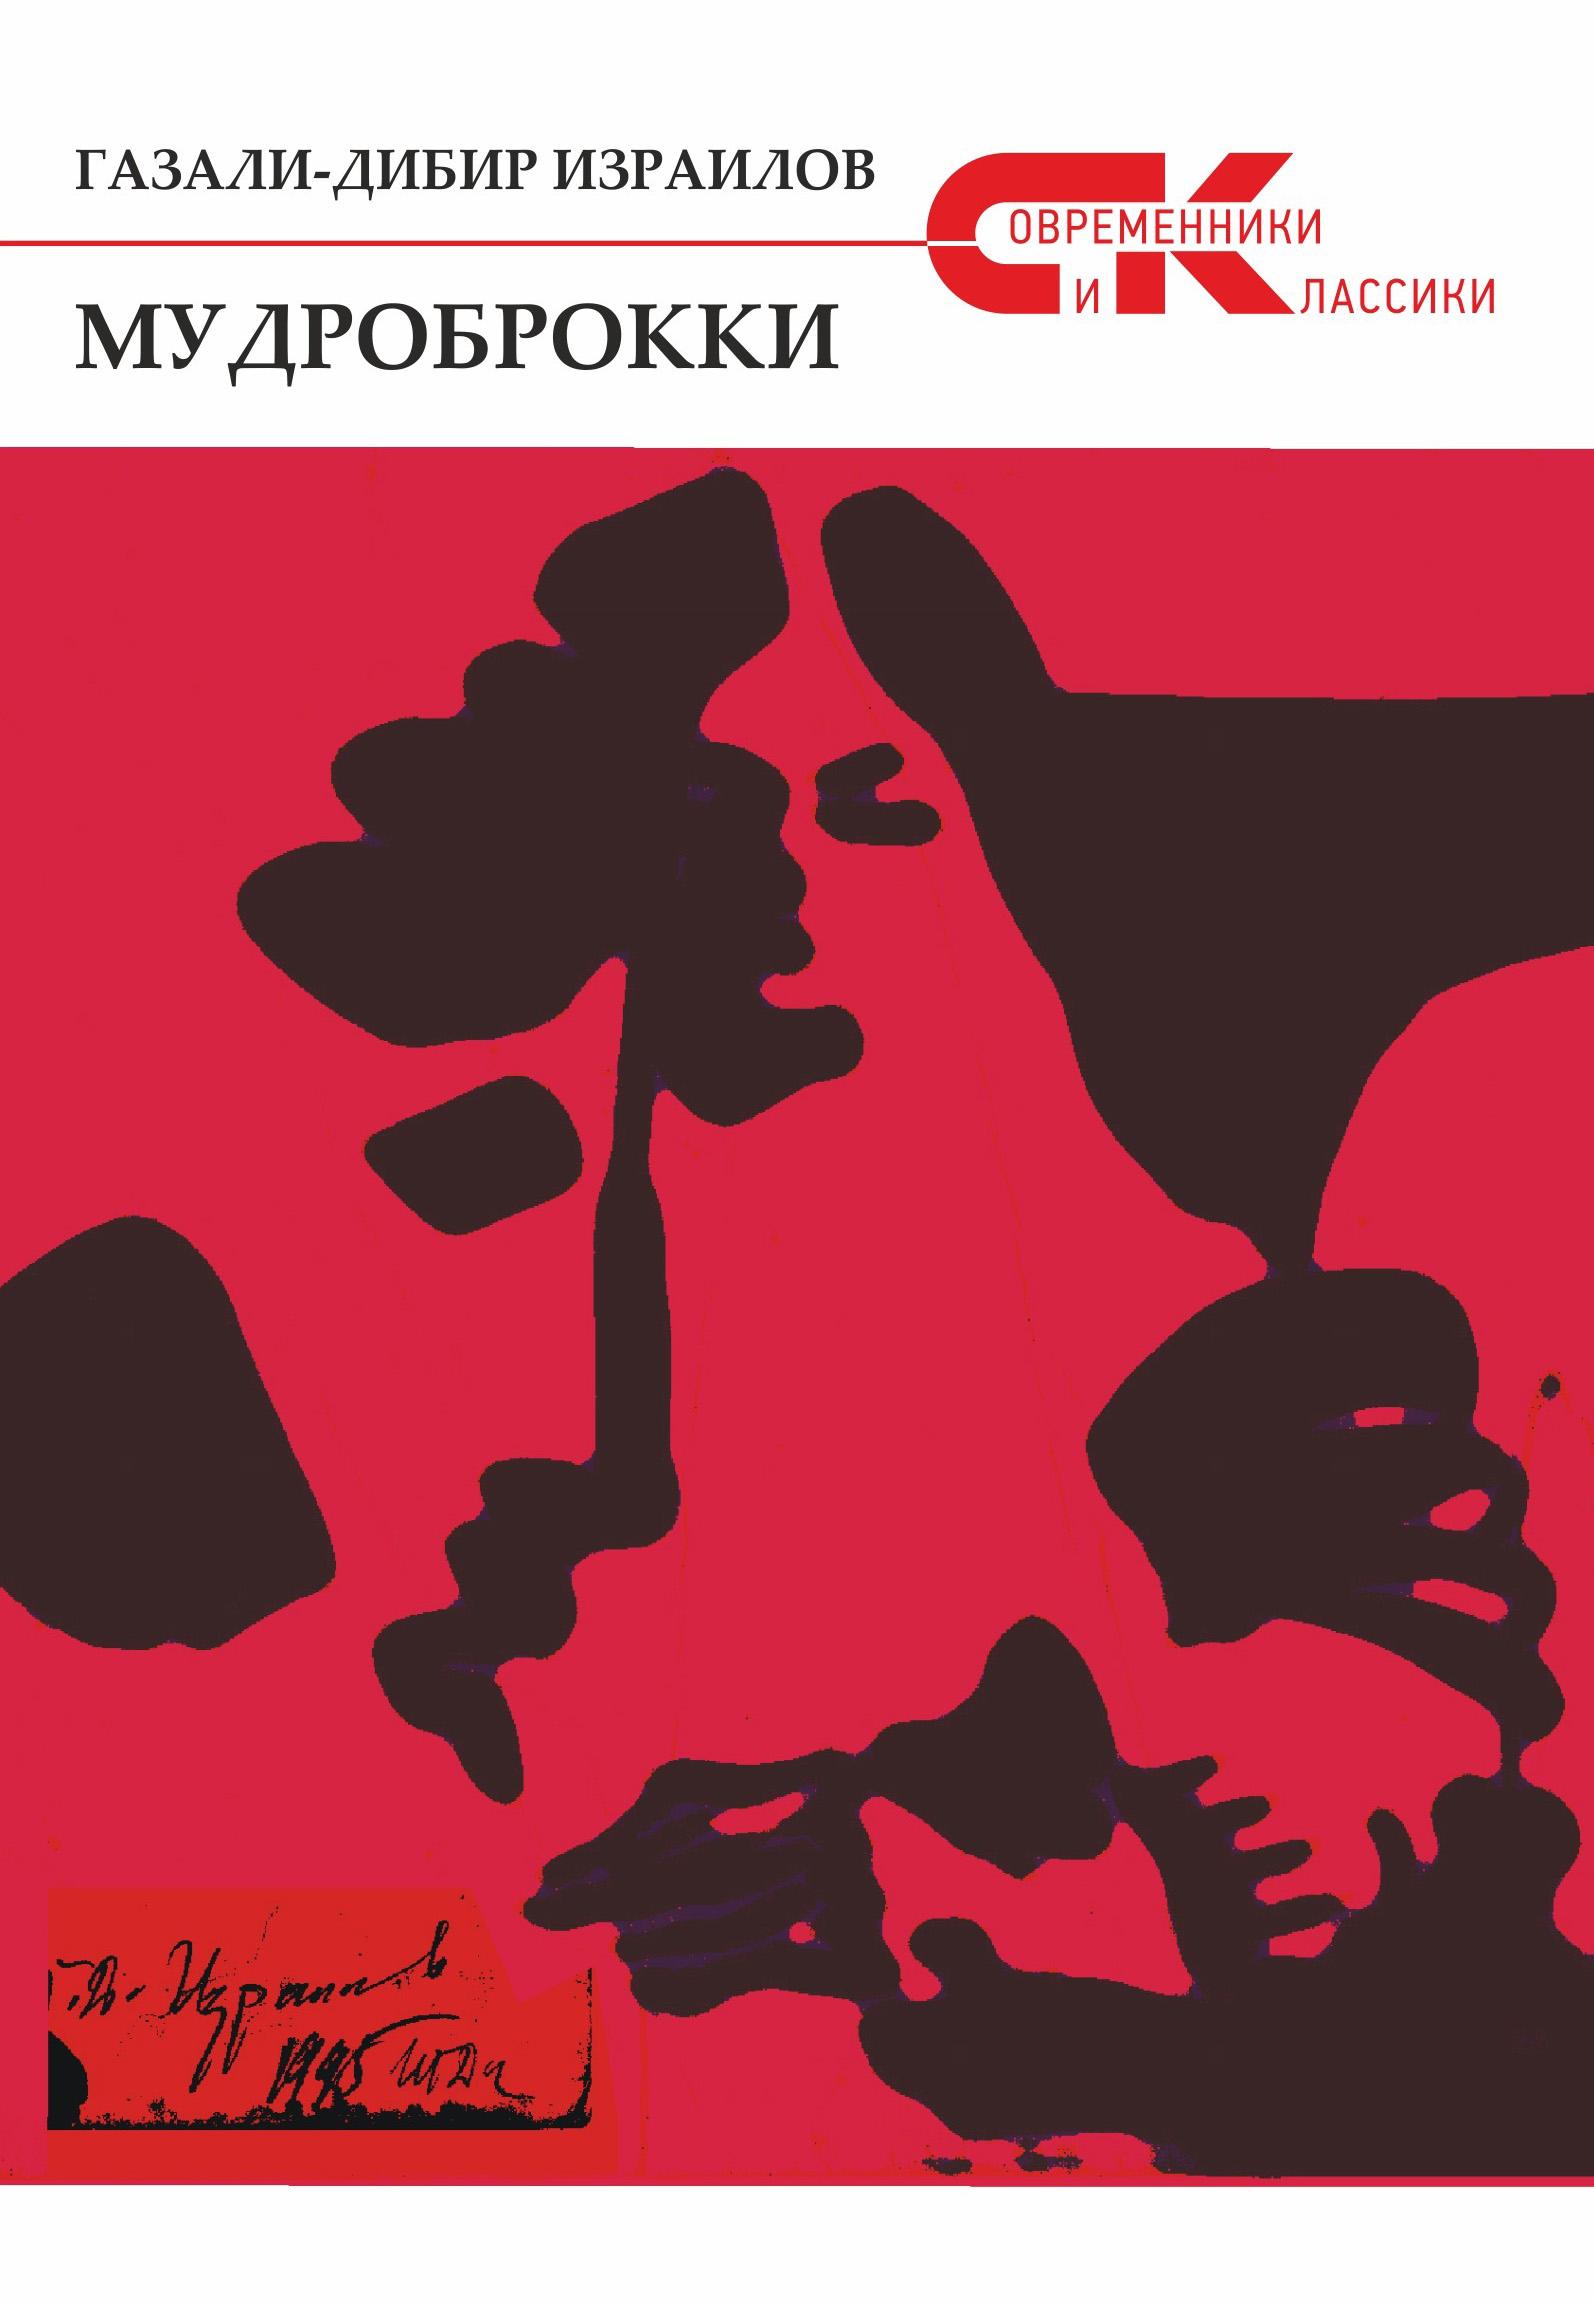 Газали-Дибир Израилов Мудроброкки (сборник) чего ищу